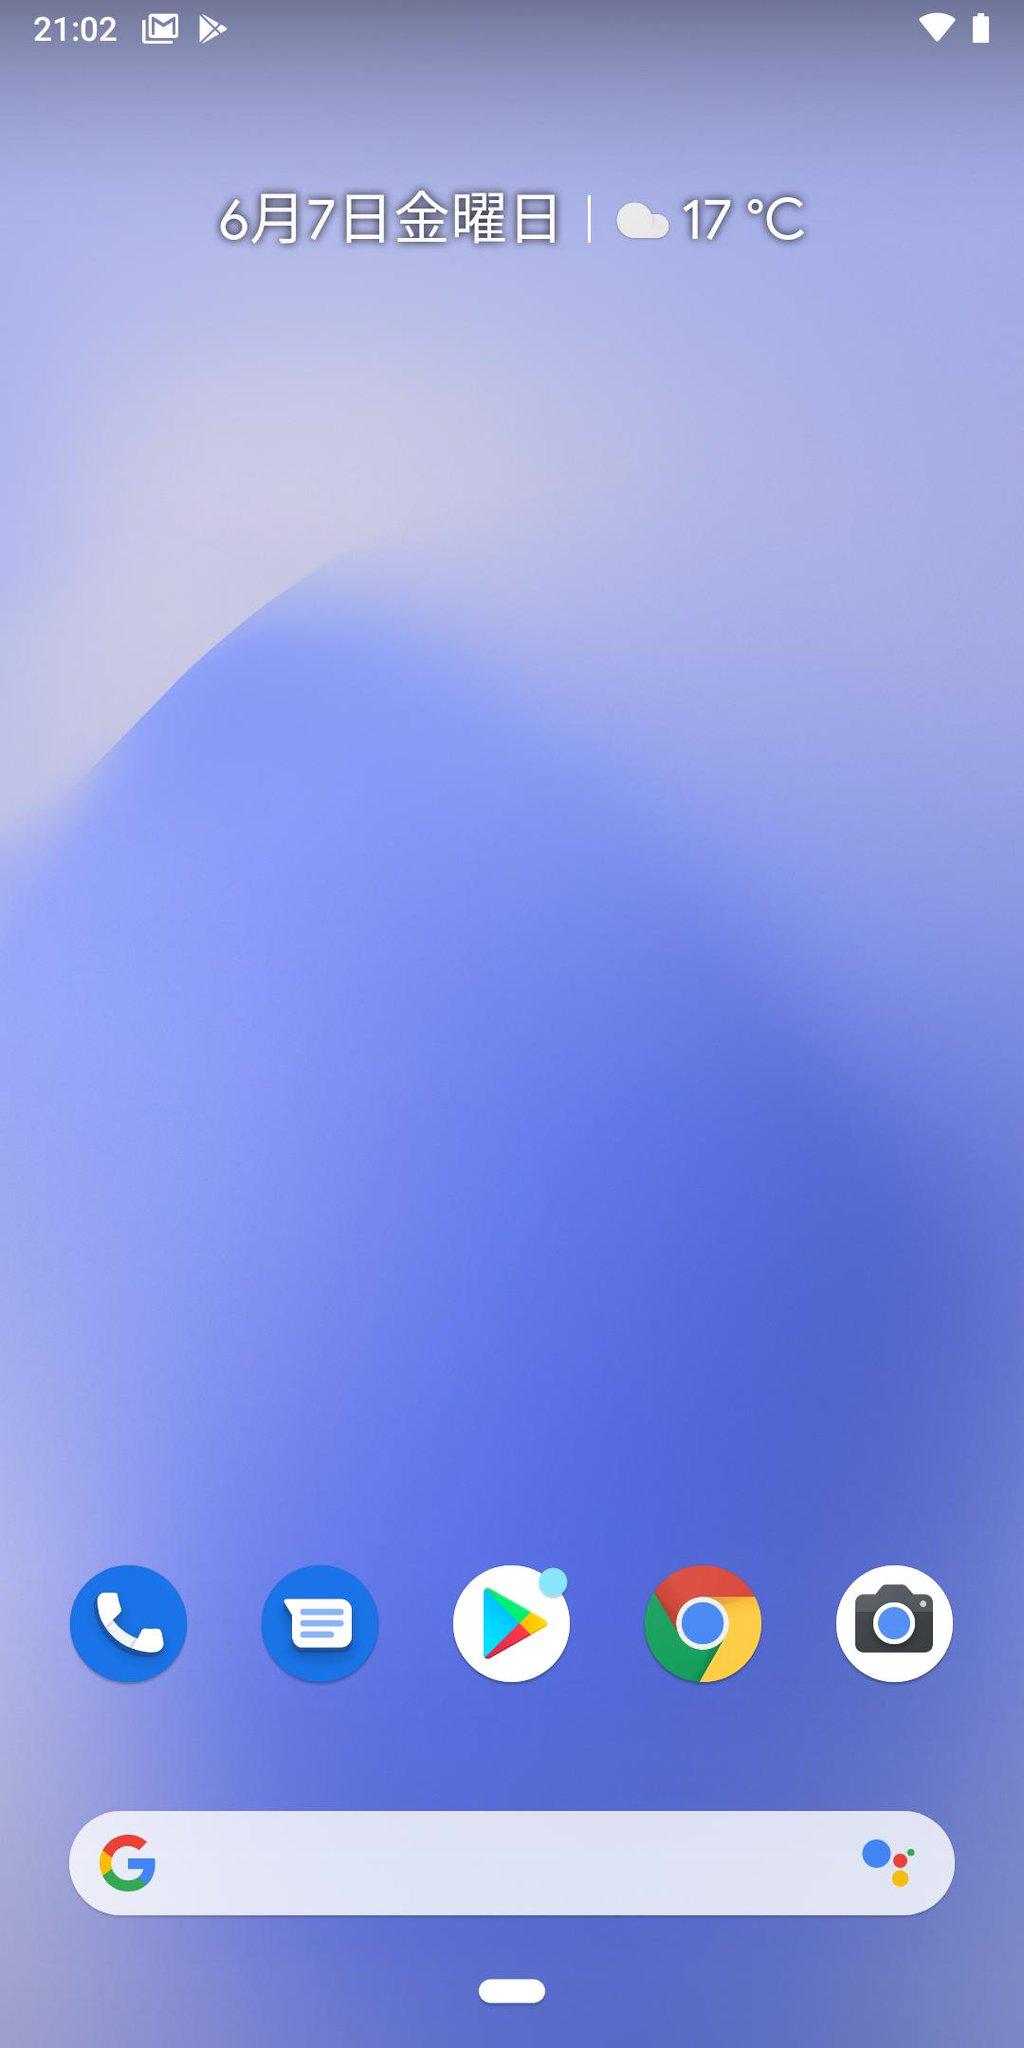 Jiro Jota Aquamozc開発 Na Twitteru 今気が付いたんだけど Pixel3 3aのデフォルト壁紙の青いふわっとした奴 Pixel3のはライブ壁紙で動くのに Pixel3aのはタダの画像で動かない しかも Pixel3aでは壁紙ギャラリにこの画像入ってなくて 一度変えると戻せない